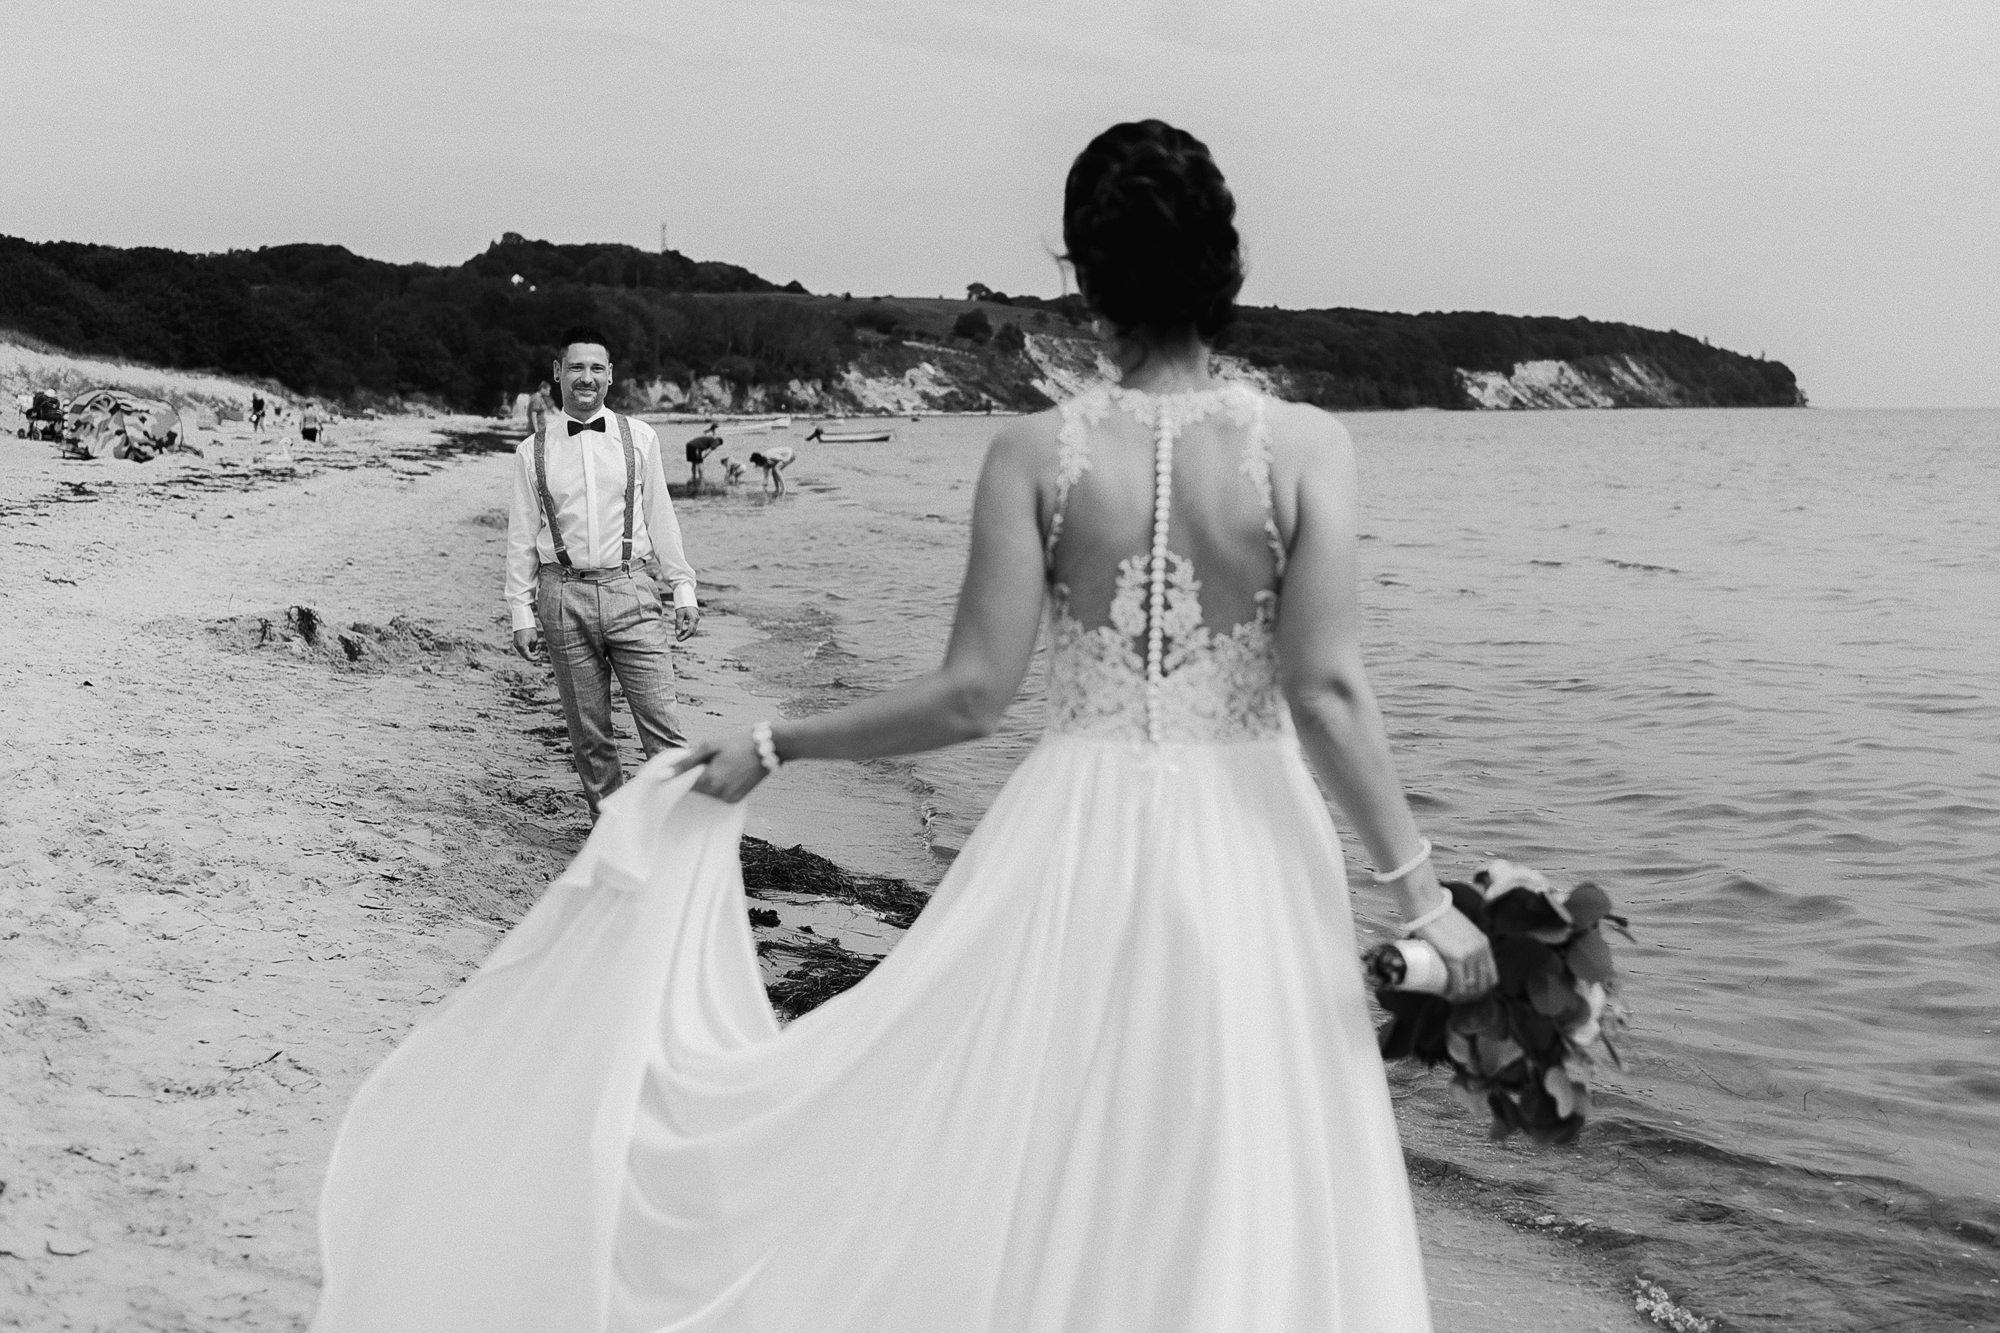 Brautpaarshooting - Göhren - Hochzeit - Rügen - Hochzeitsfotograf Binz - Baltic Hotel - Müther Turm - Trauung